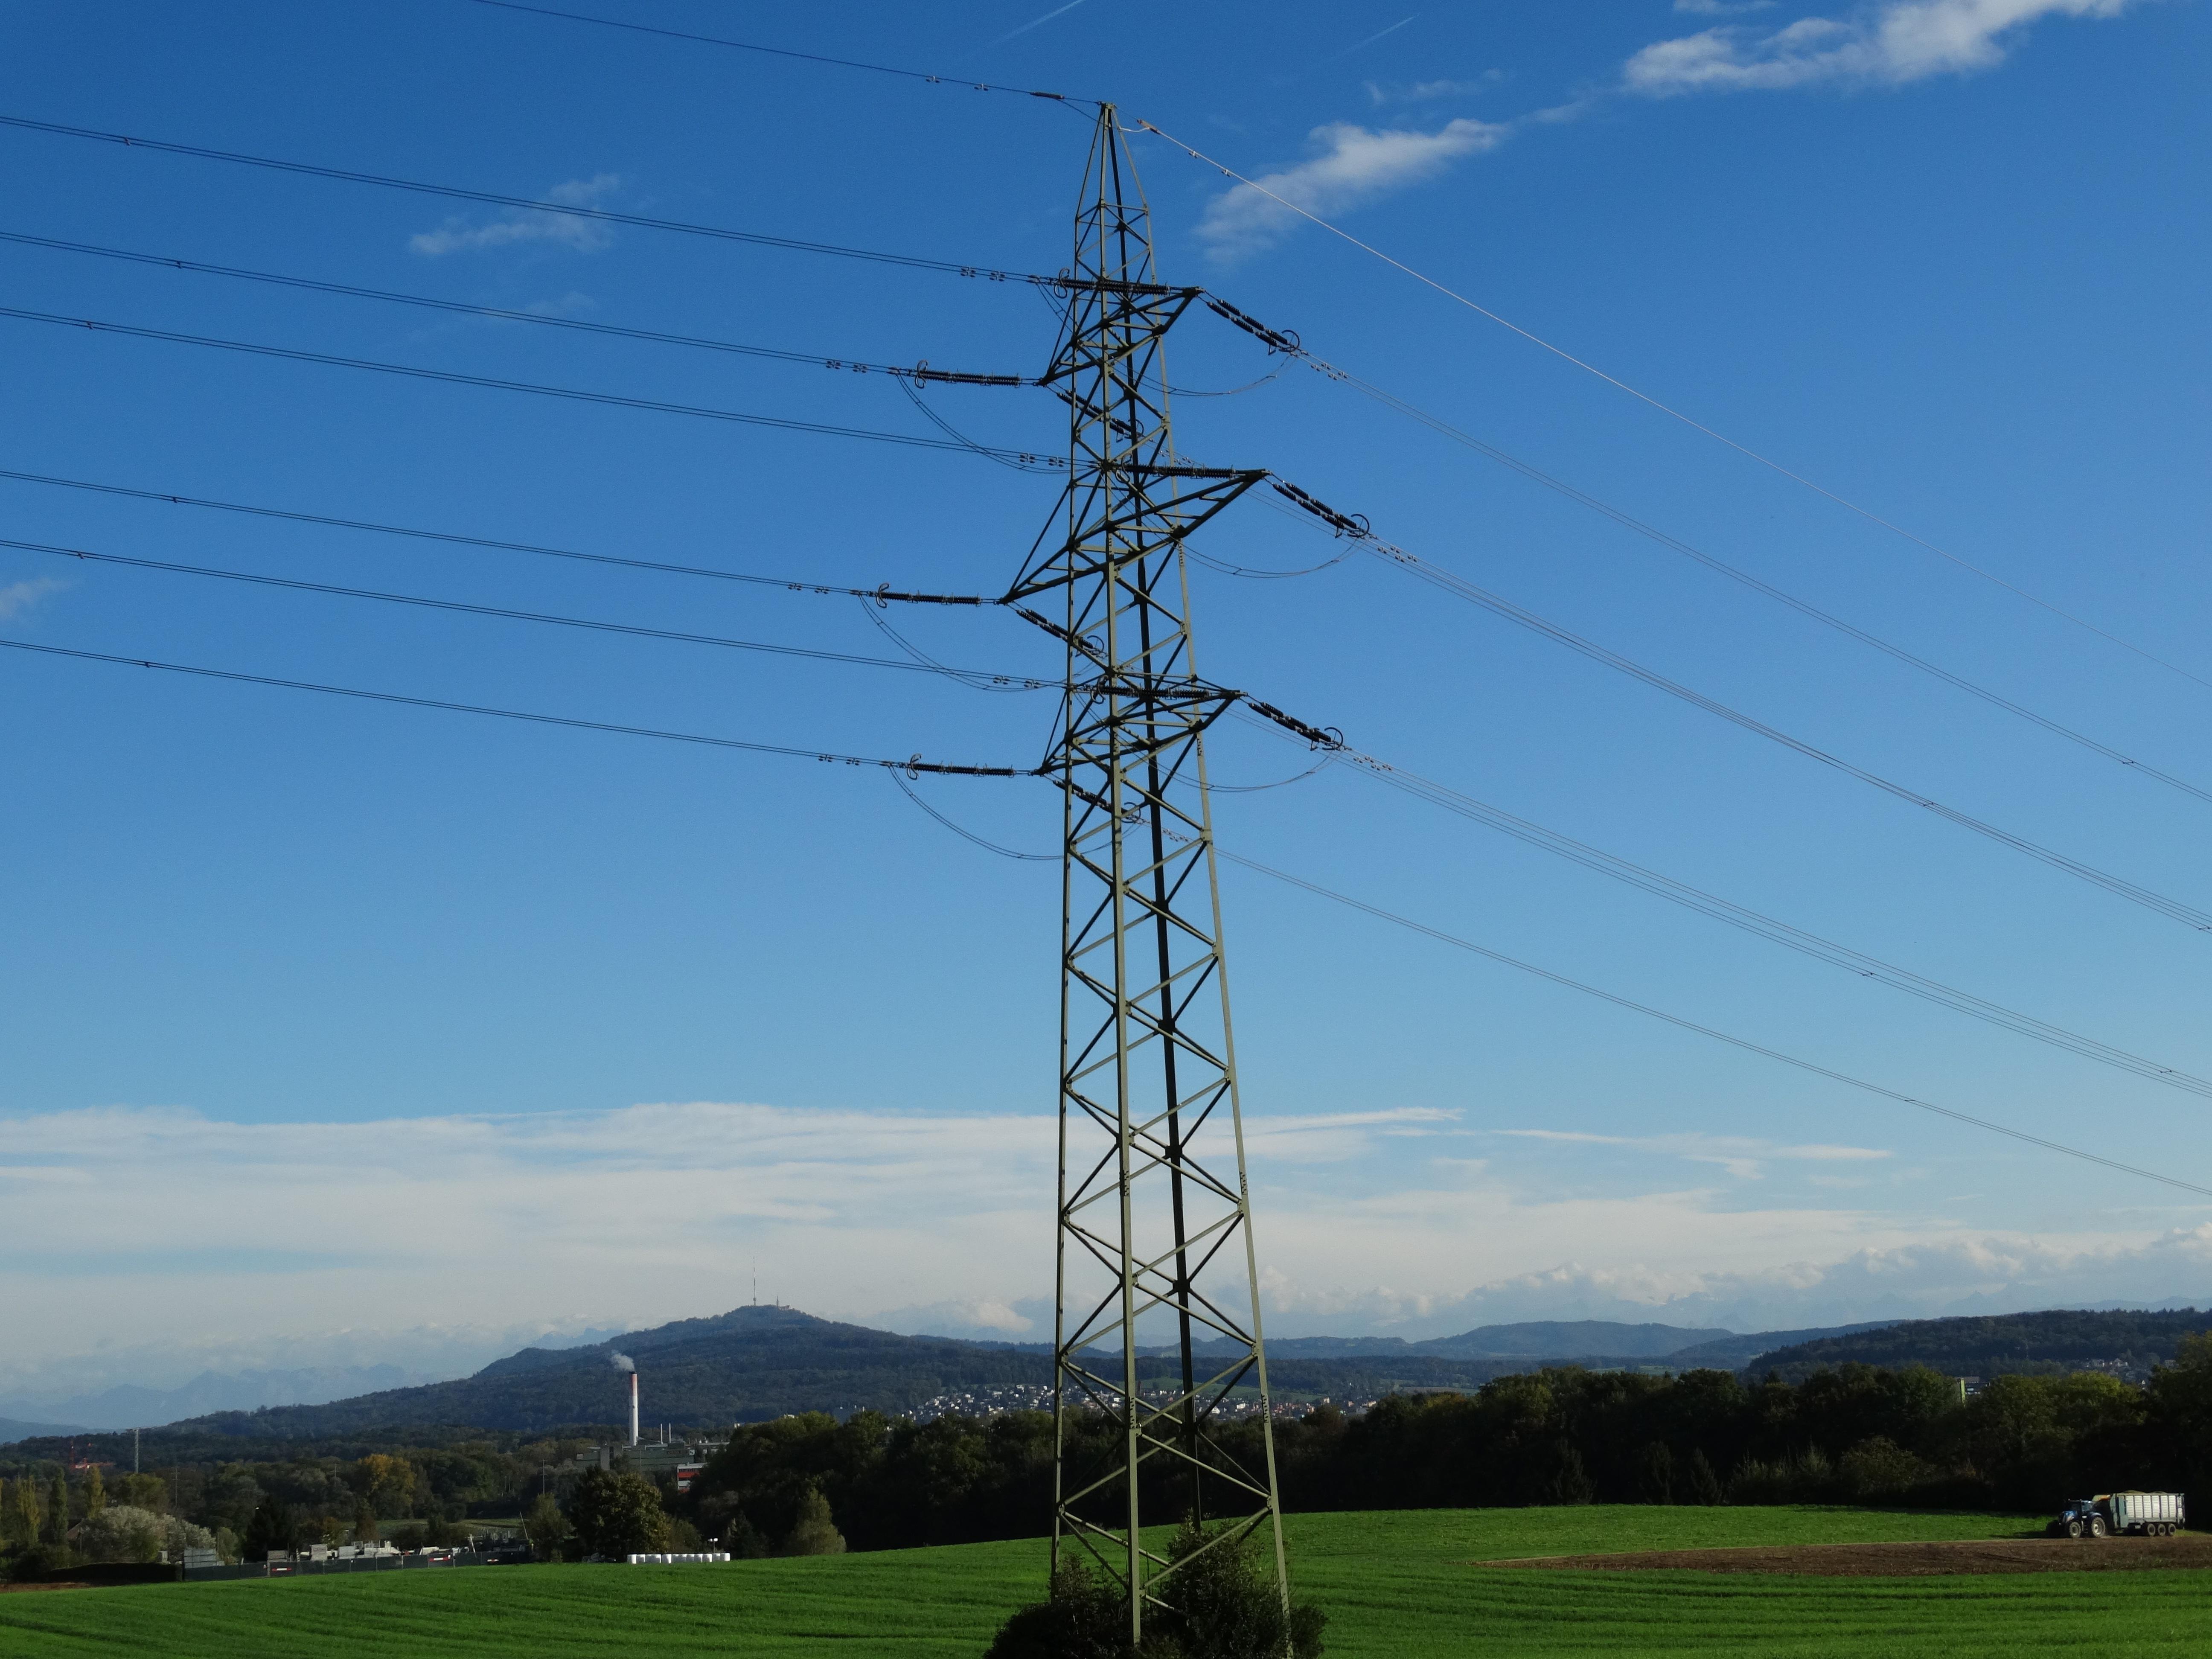 Fotos gratis : paisaje, cielo, tecnología, viento, cable, línea ...